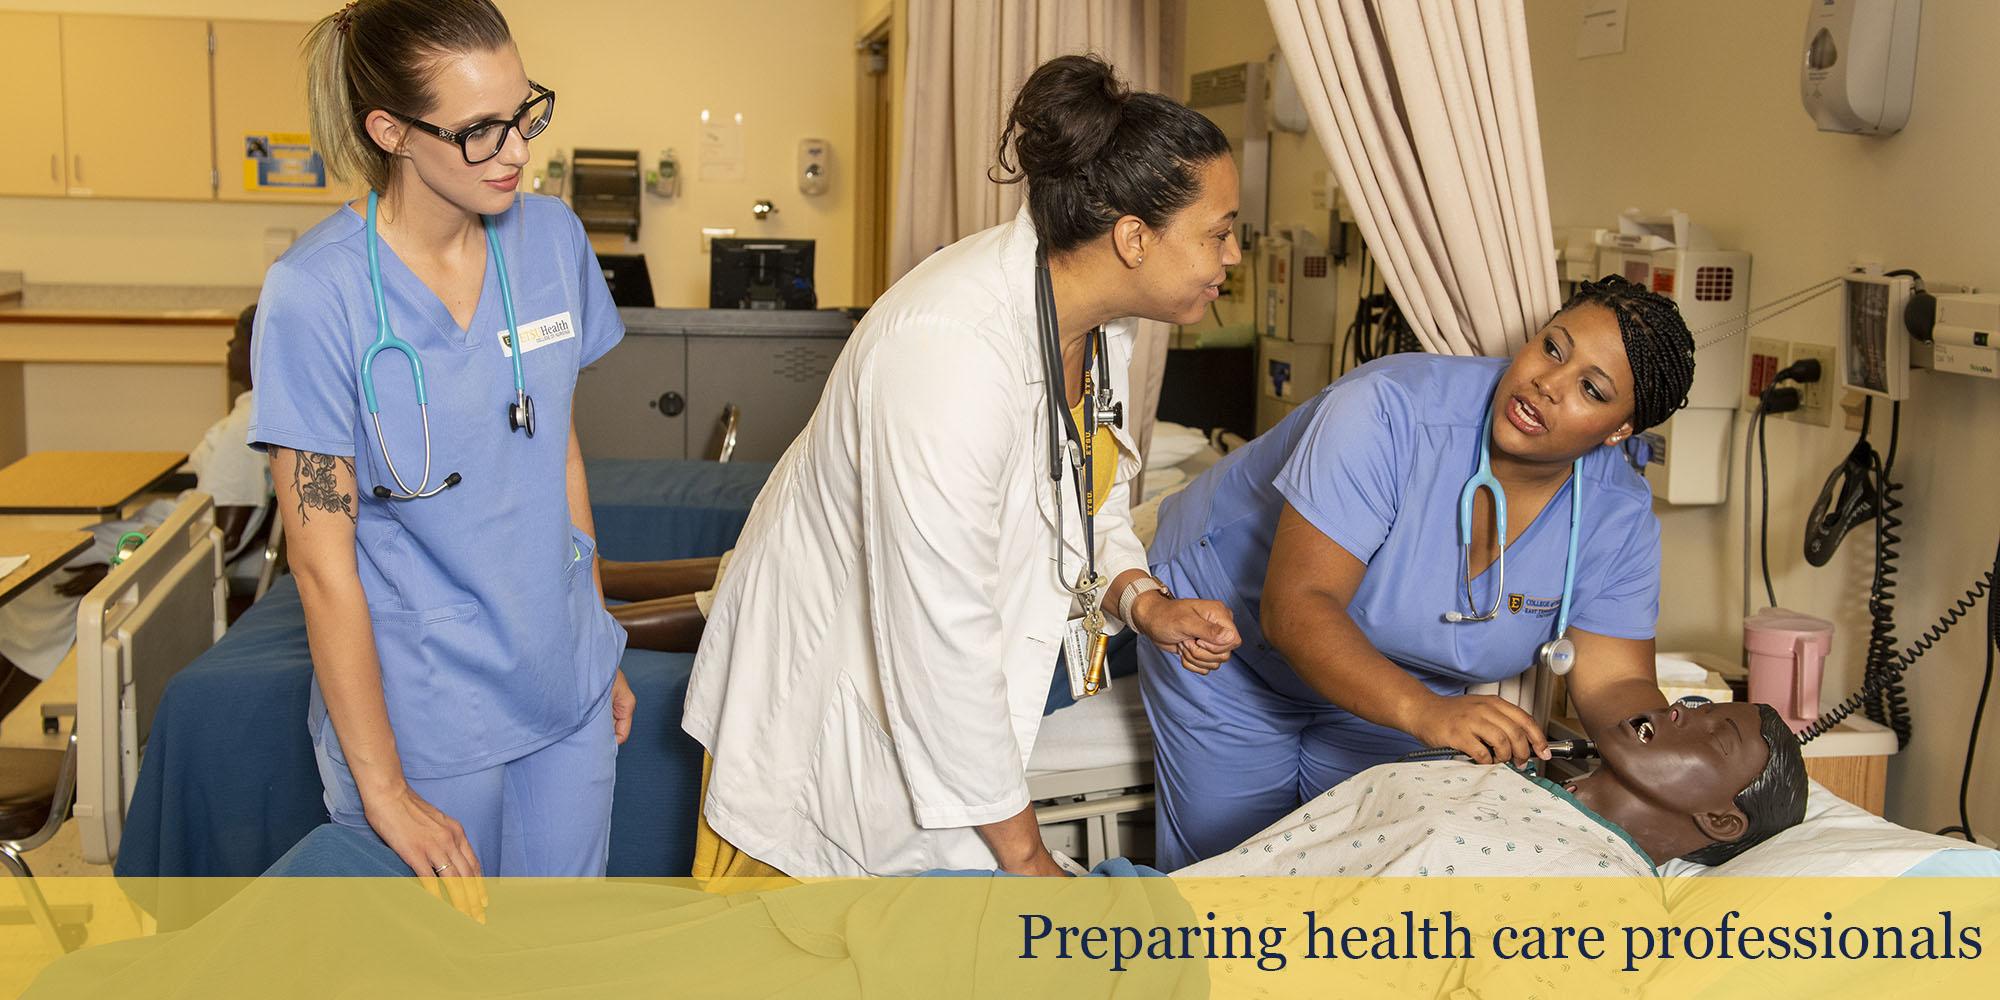 Preparing health care professionals